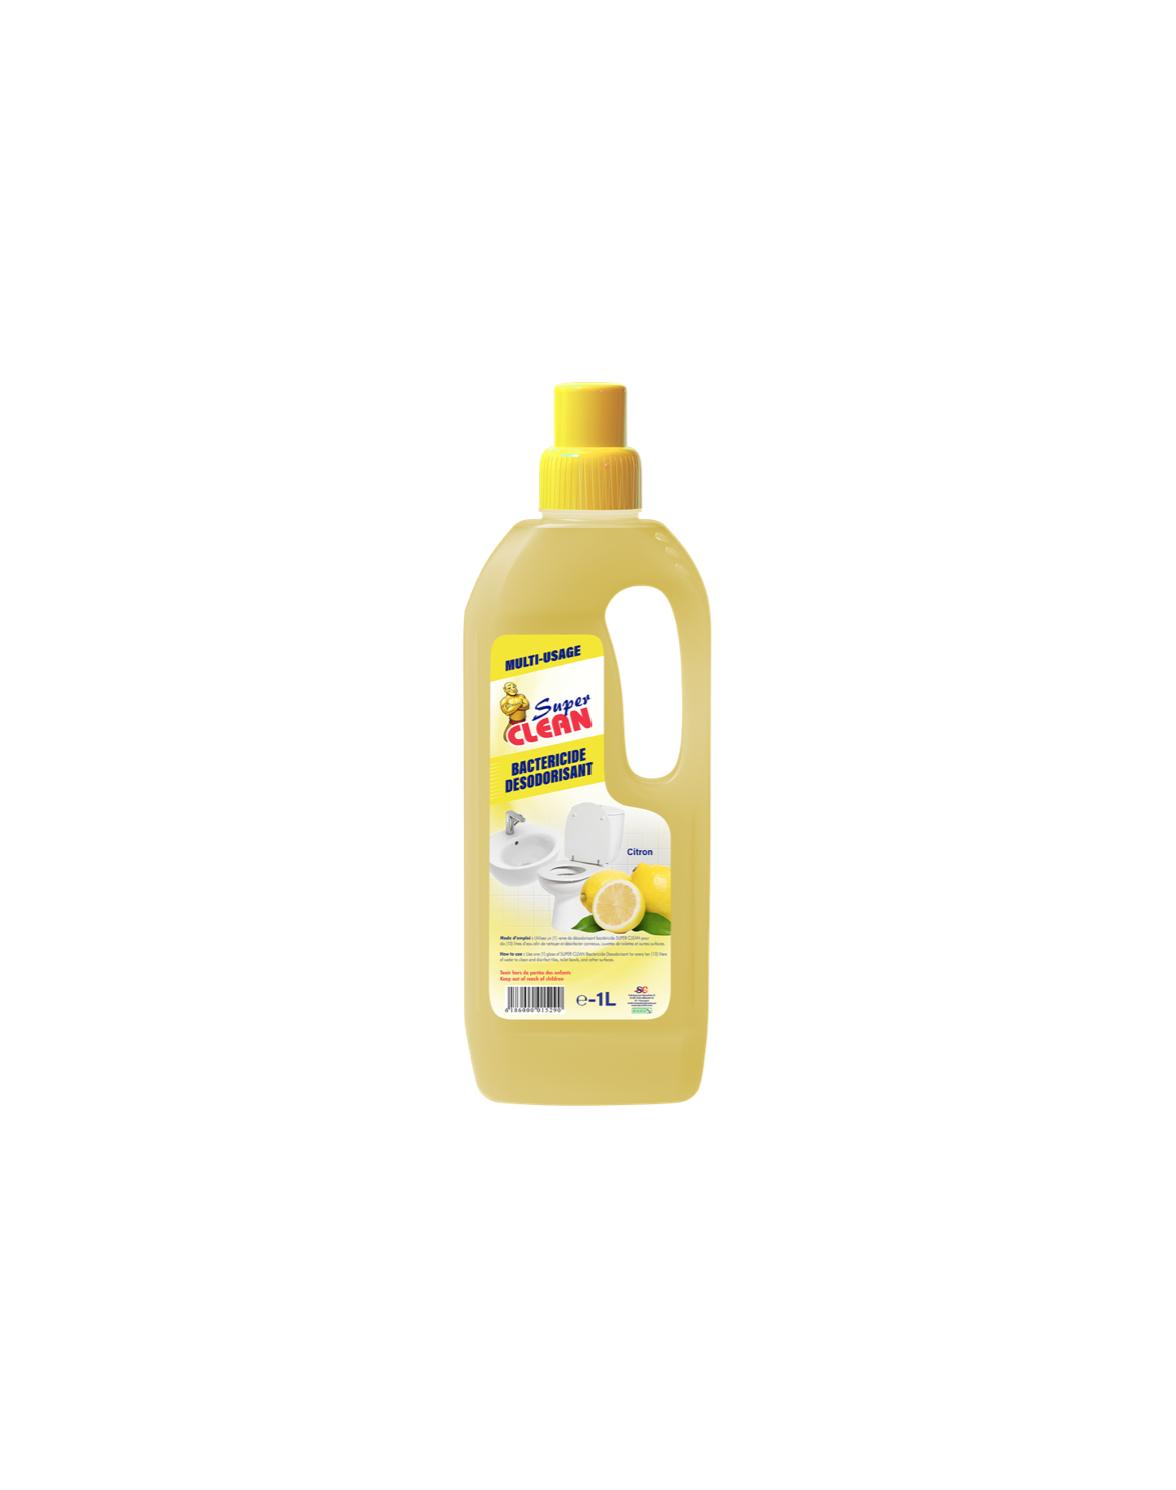 Bactéricide Super Clean Citron 1L_Siprochim